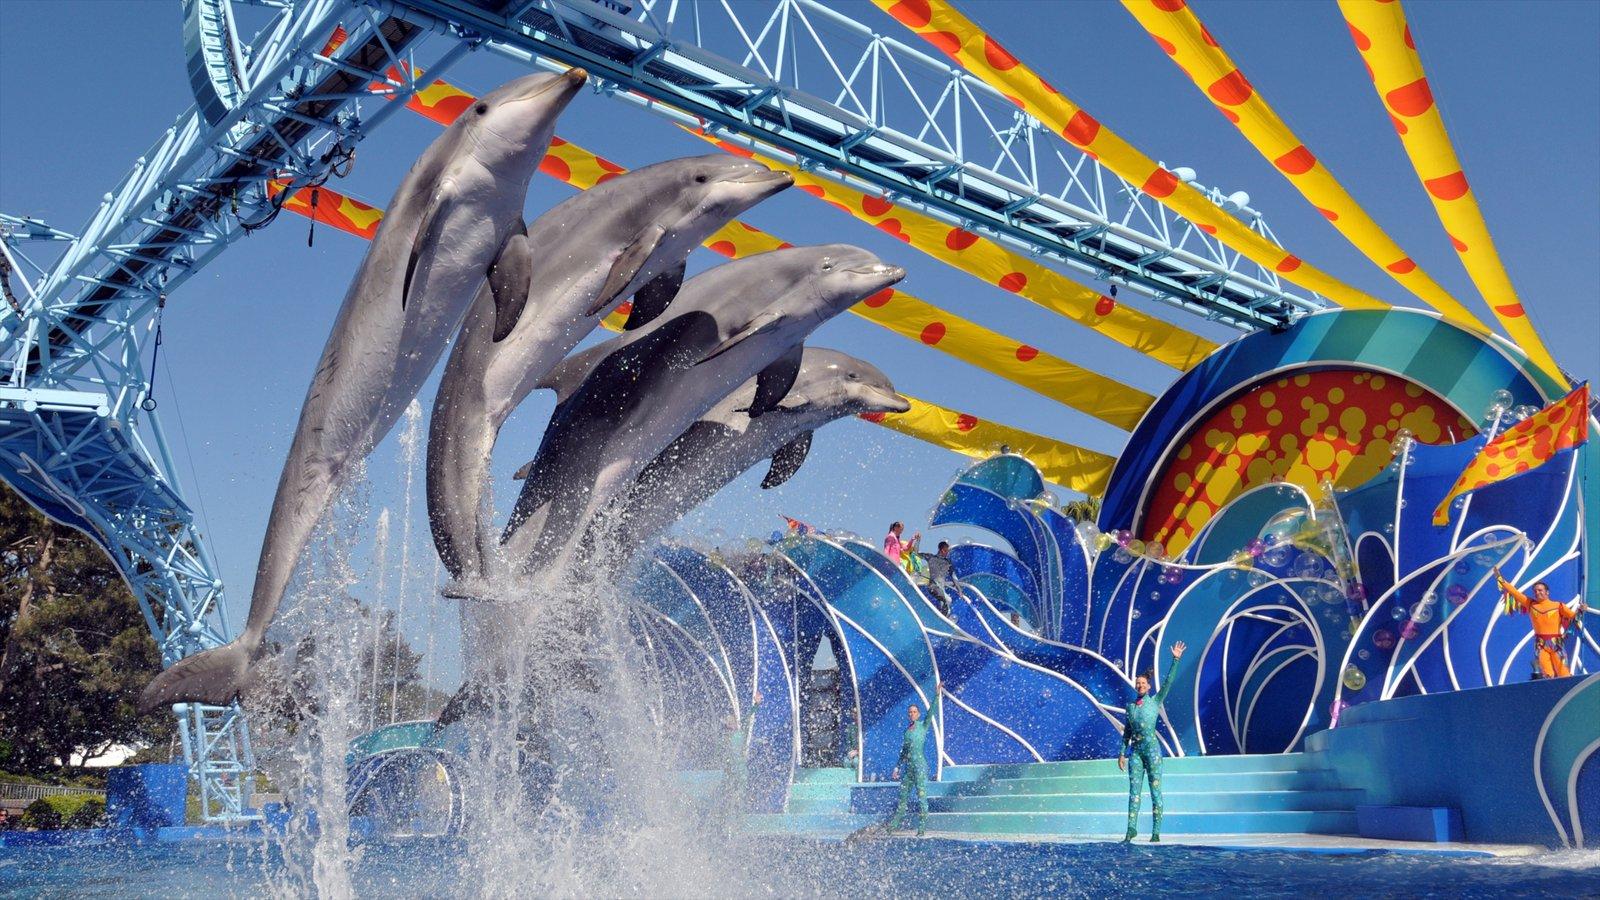 Seaworld mostrando vida marinha e passeios